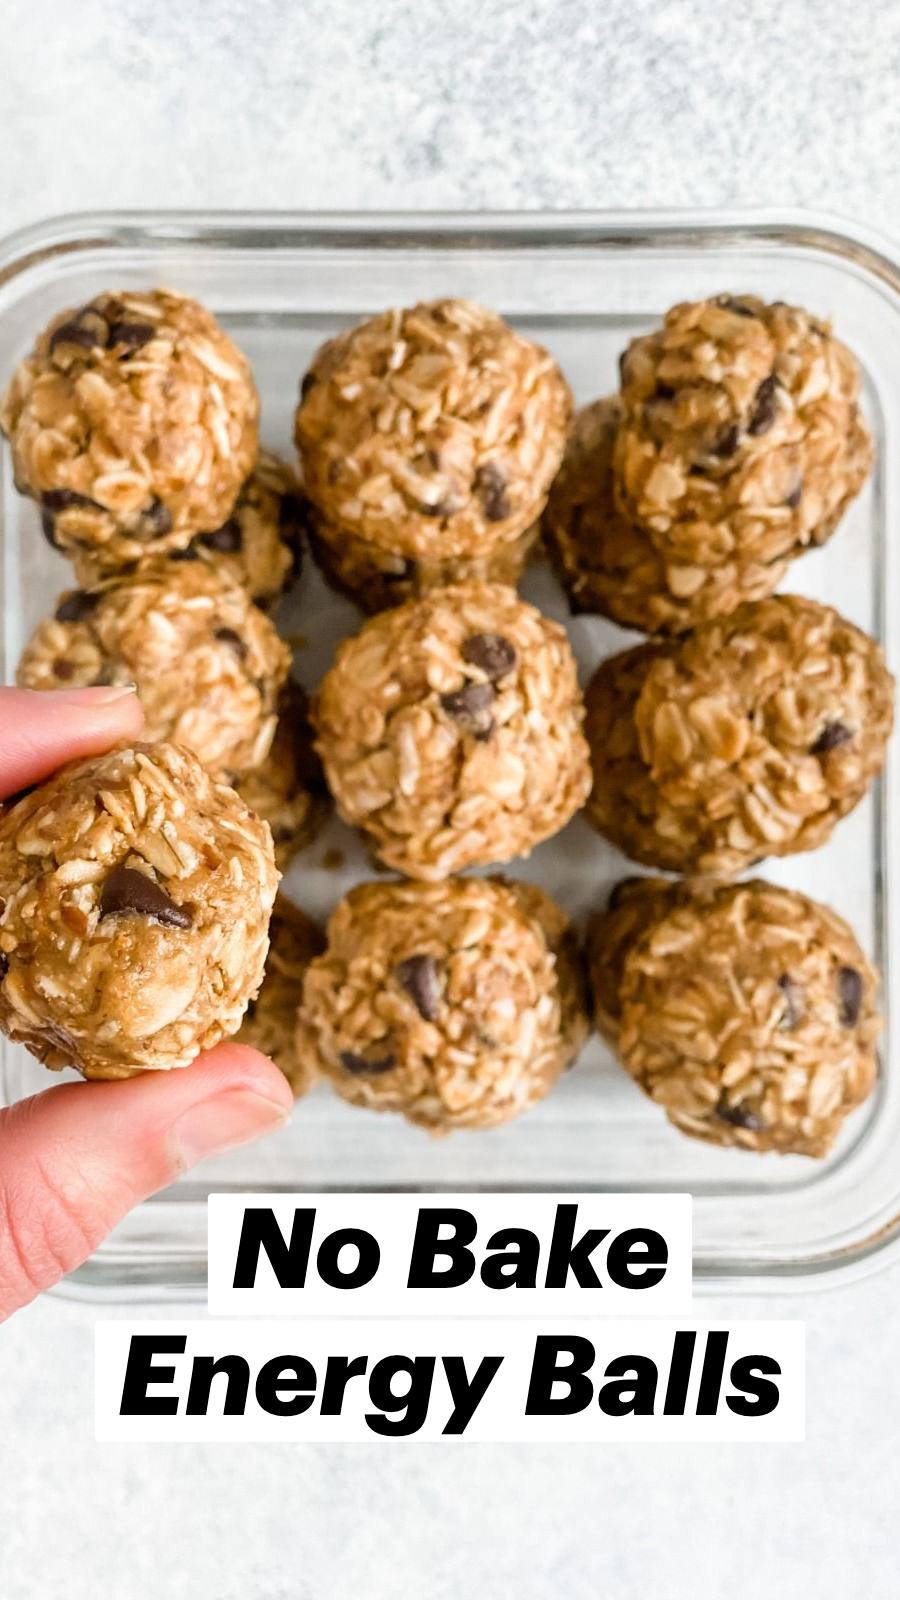 No Bake Energy Balls | Easy Healthy Snack